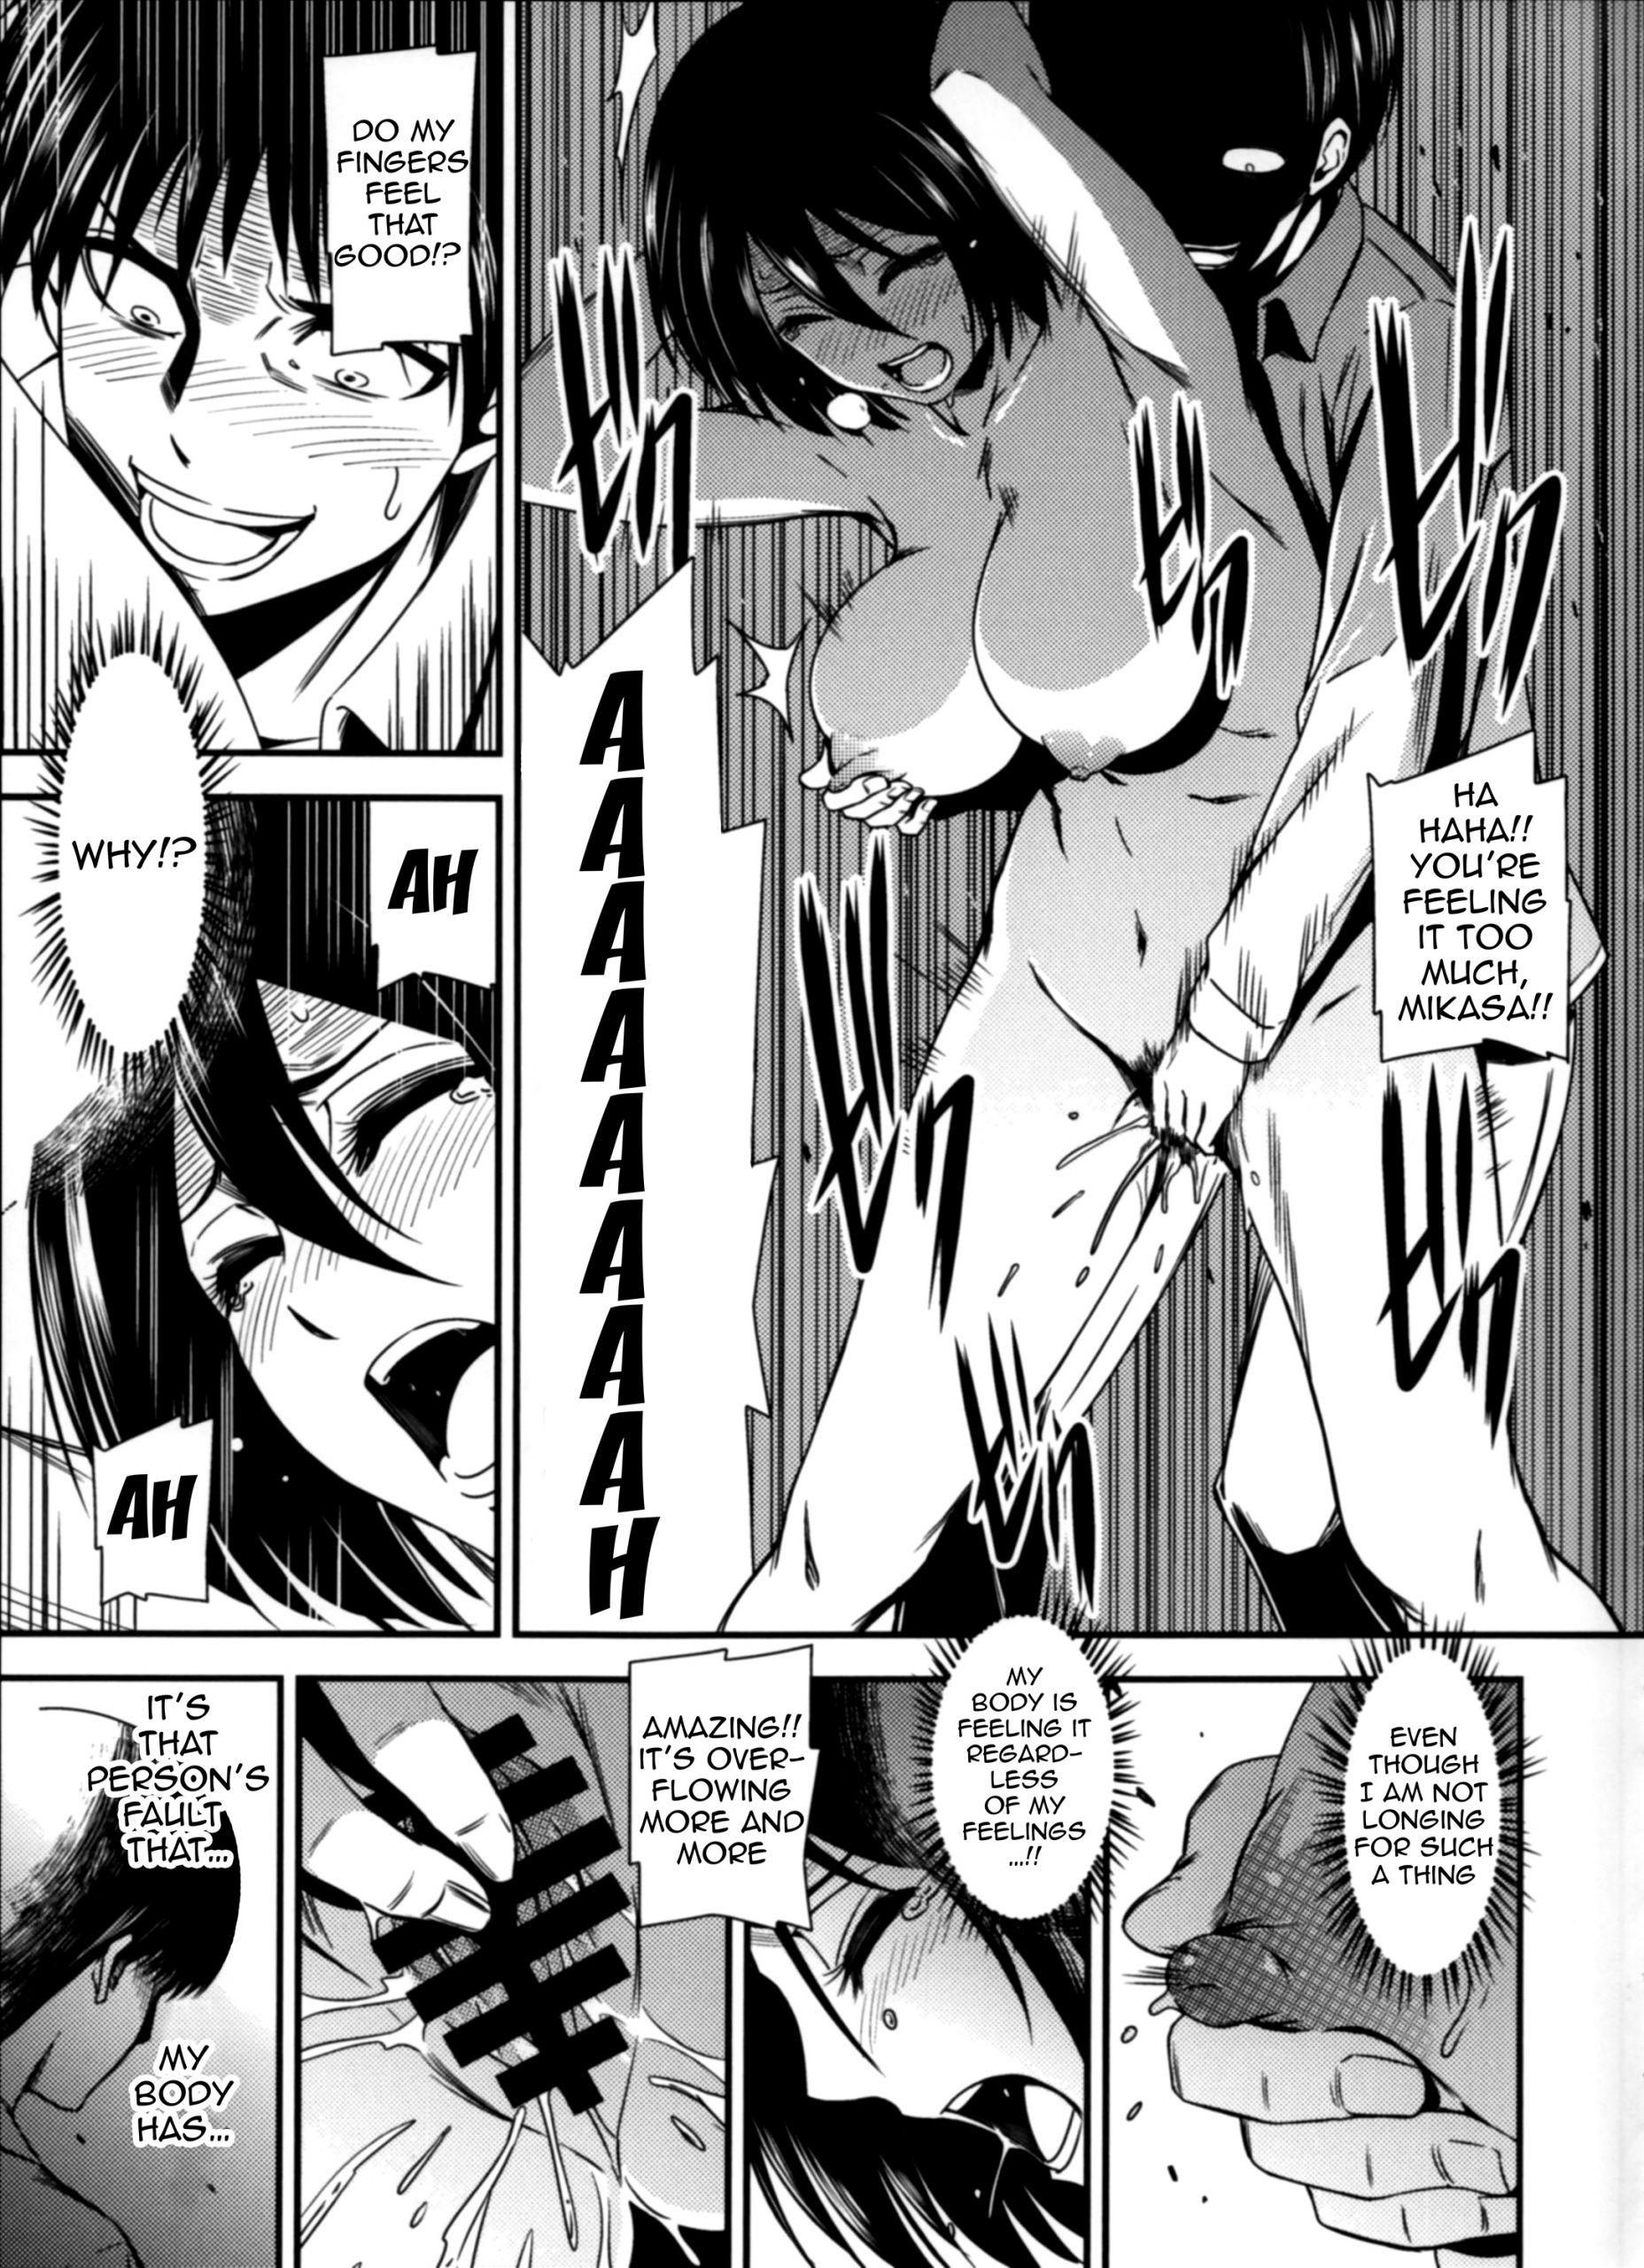 Gekishin yon hentai manga picture 16